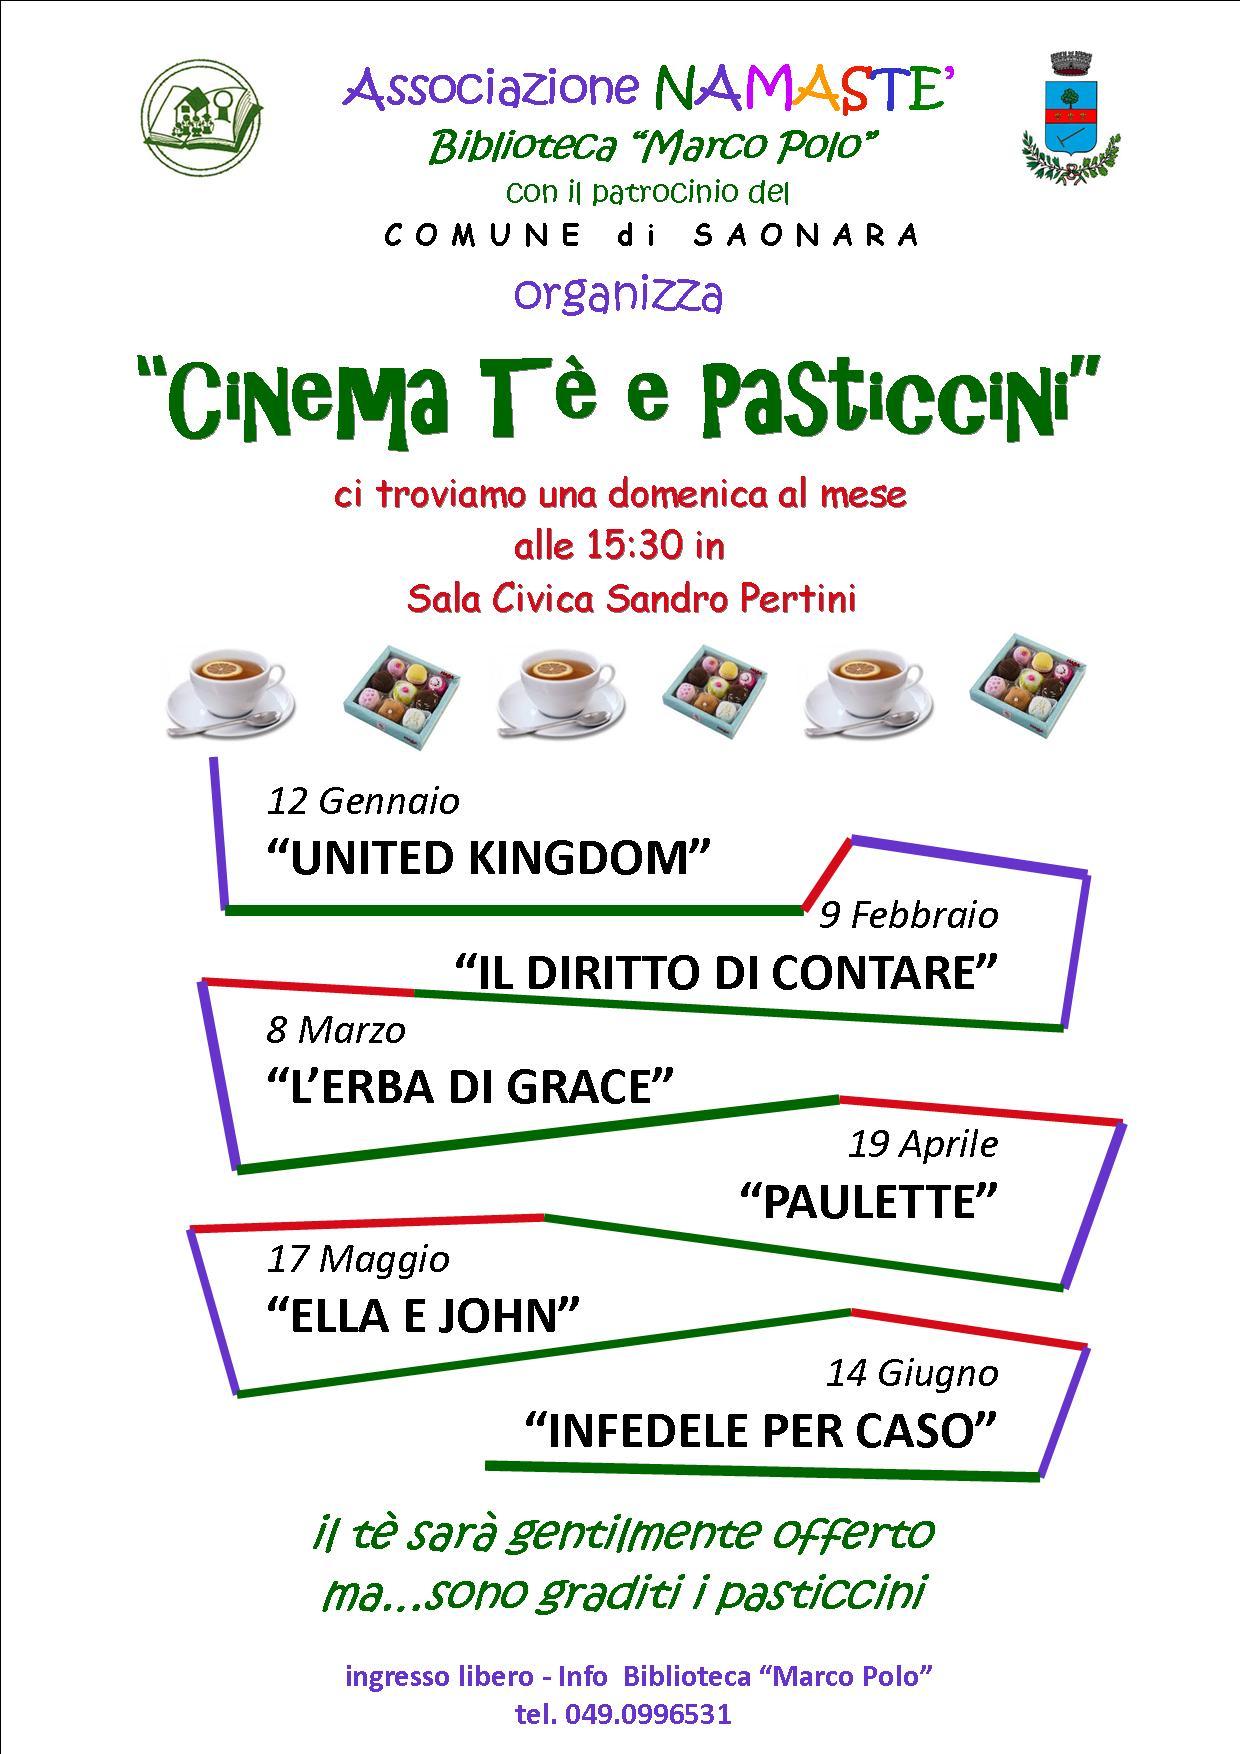 Cinema Te e pasticcini 2